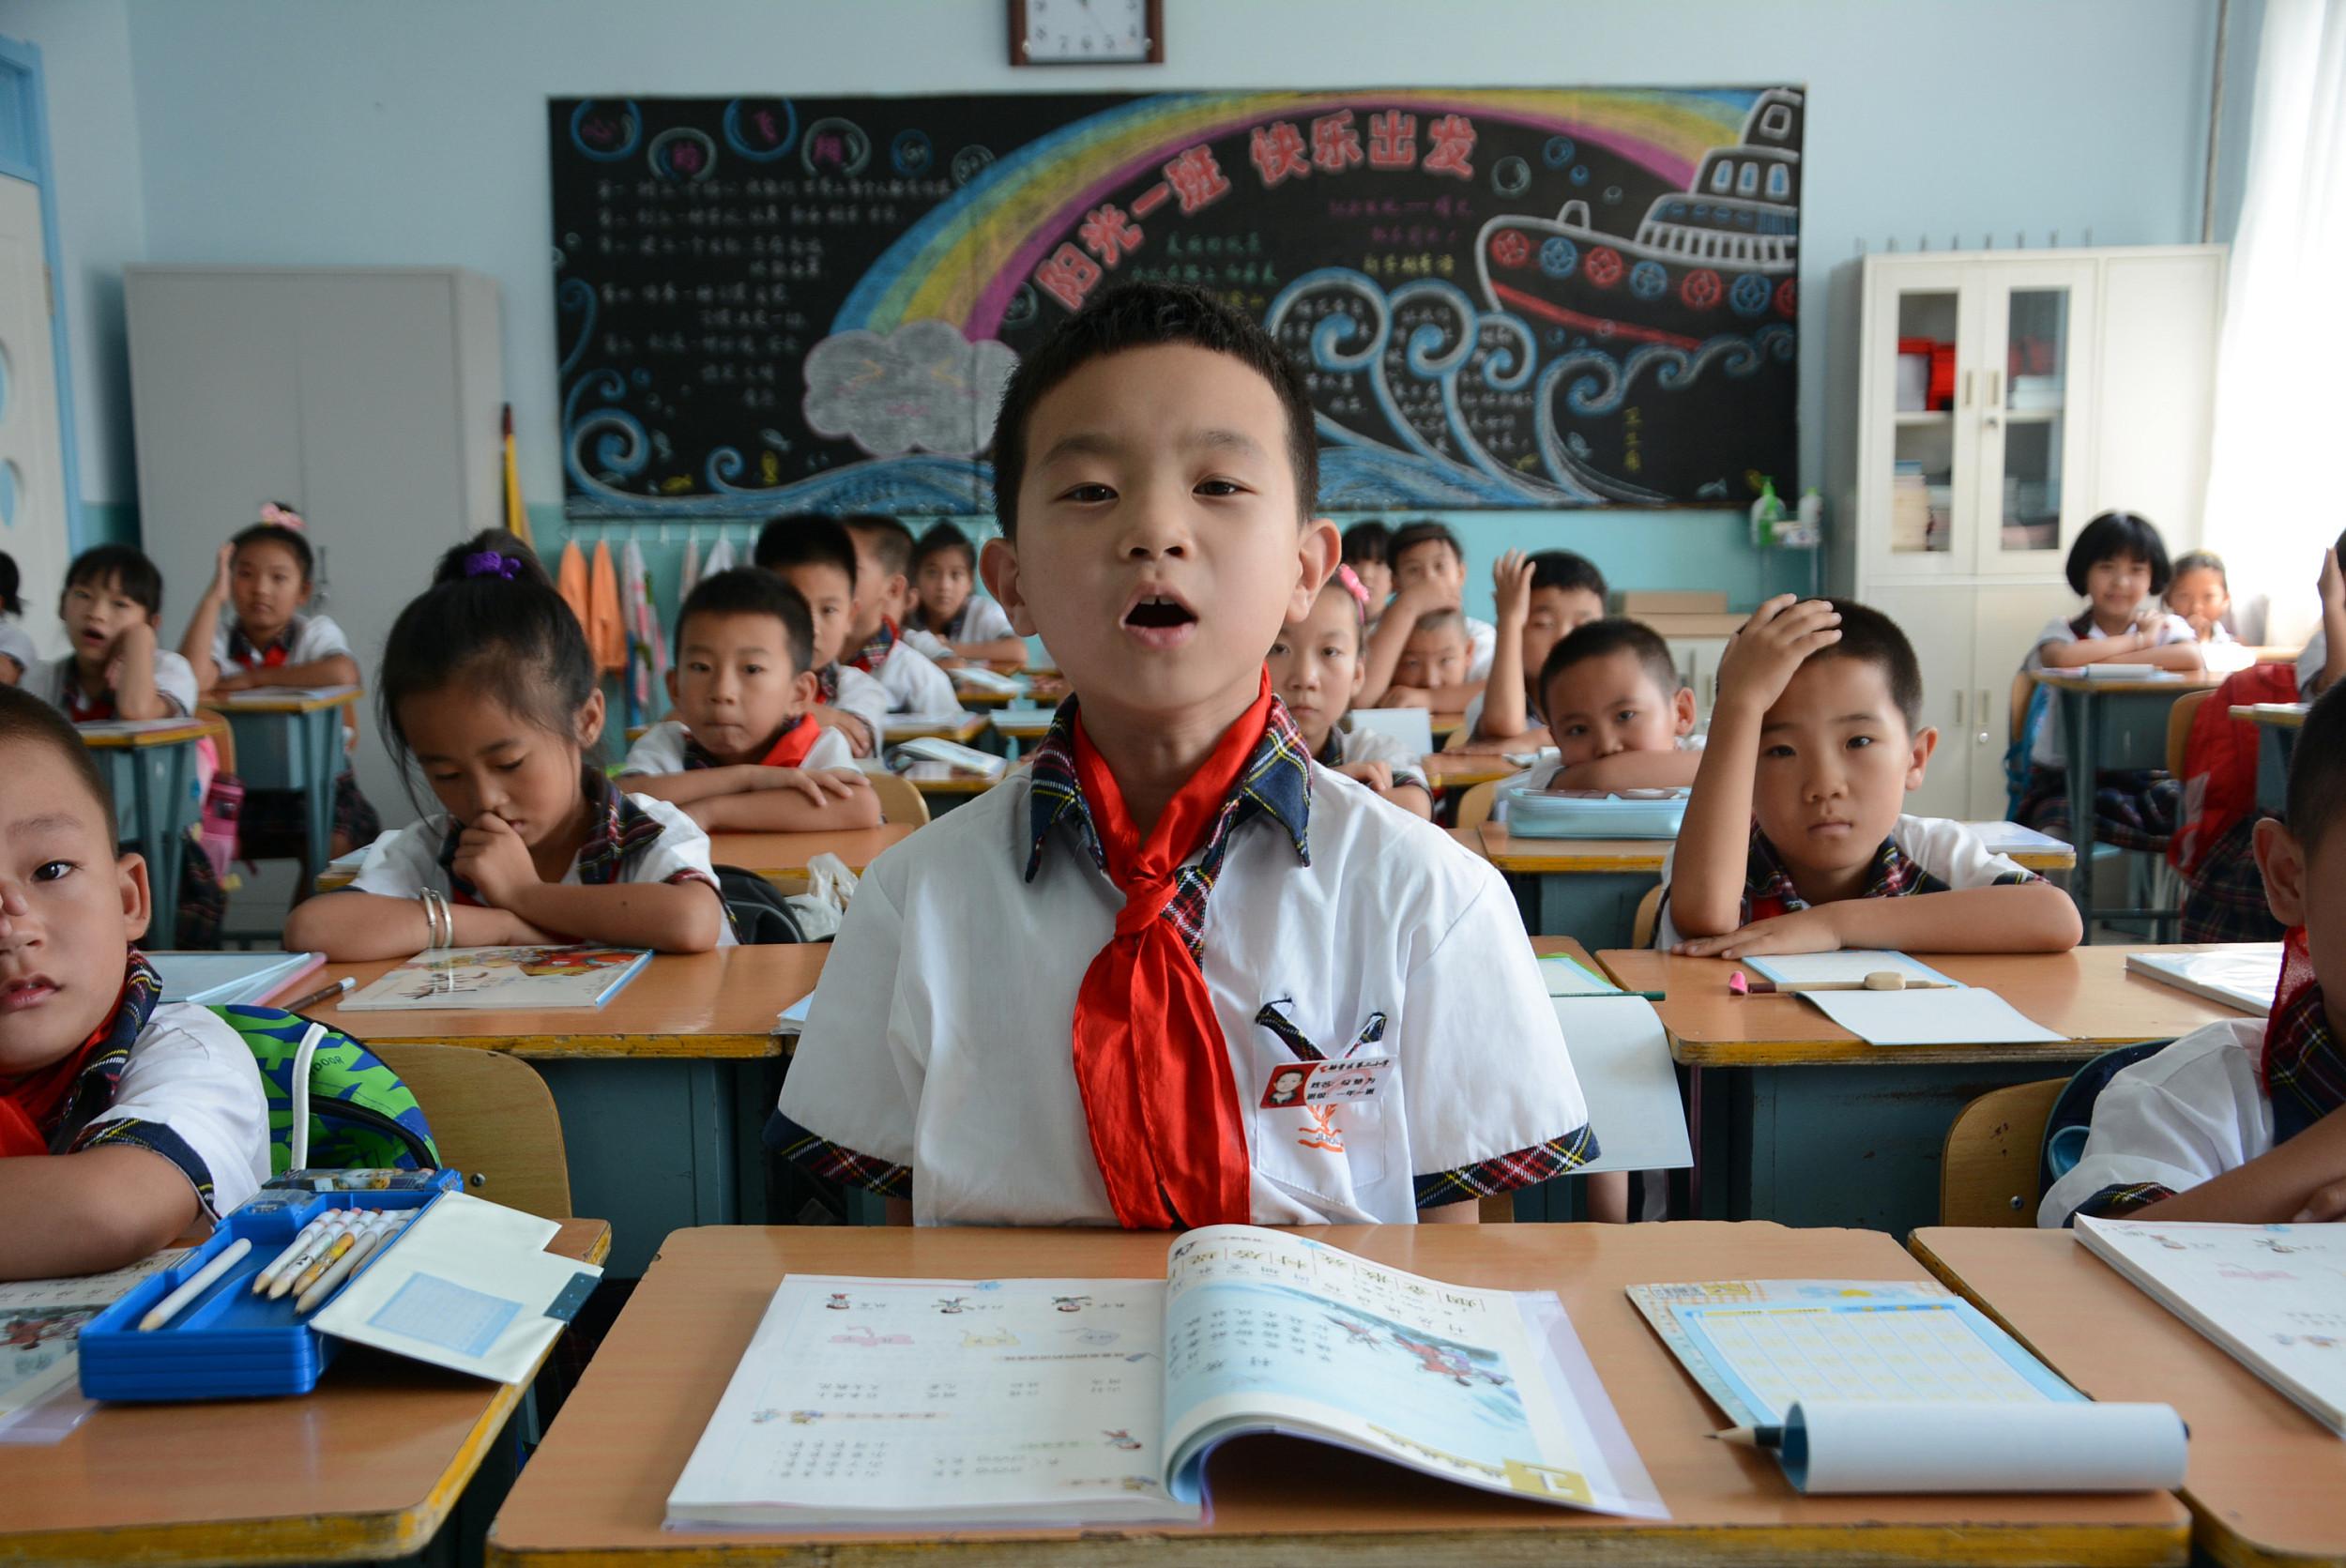 石家莊市全面推行小學生校內課后服務